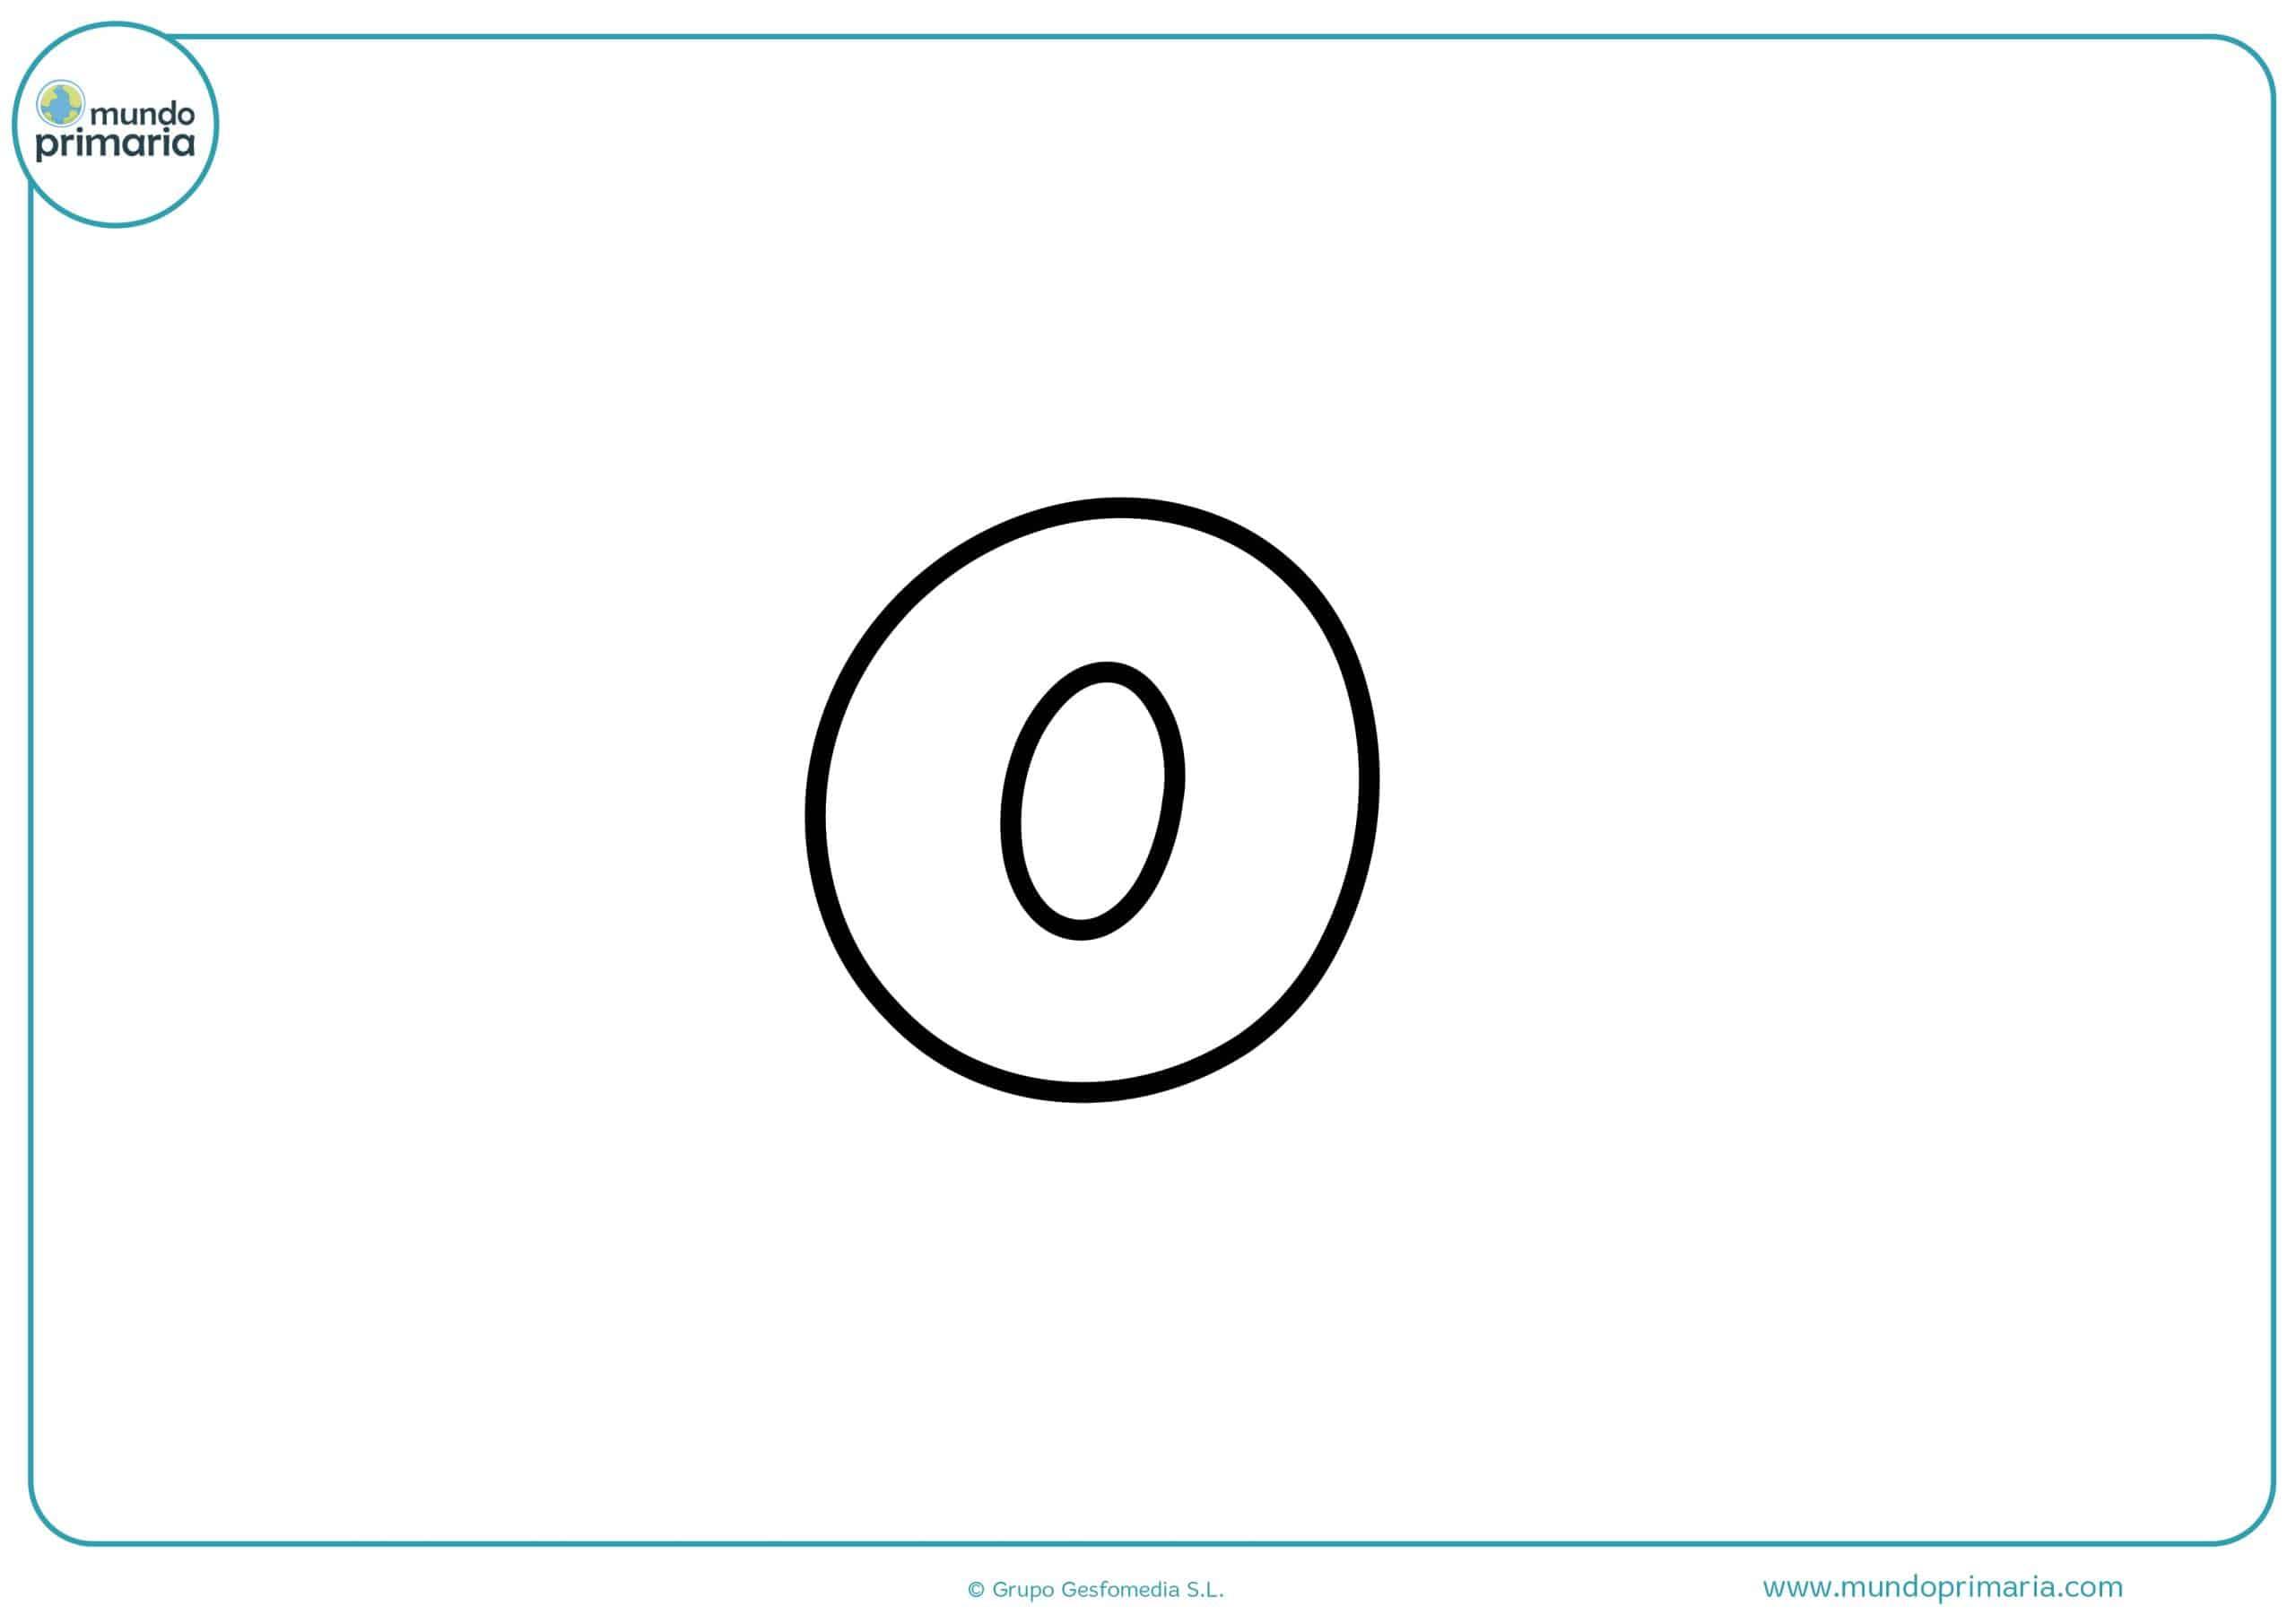 dibujos de letras o minúsculas para colorear